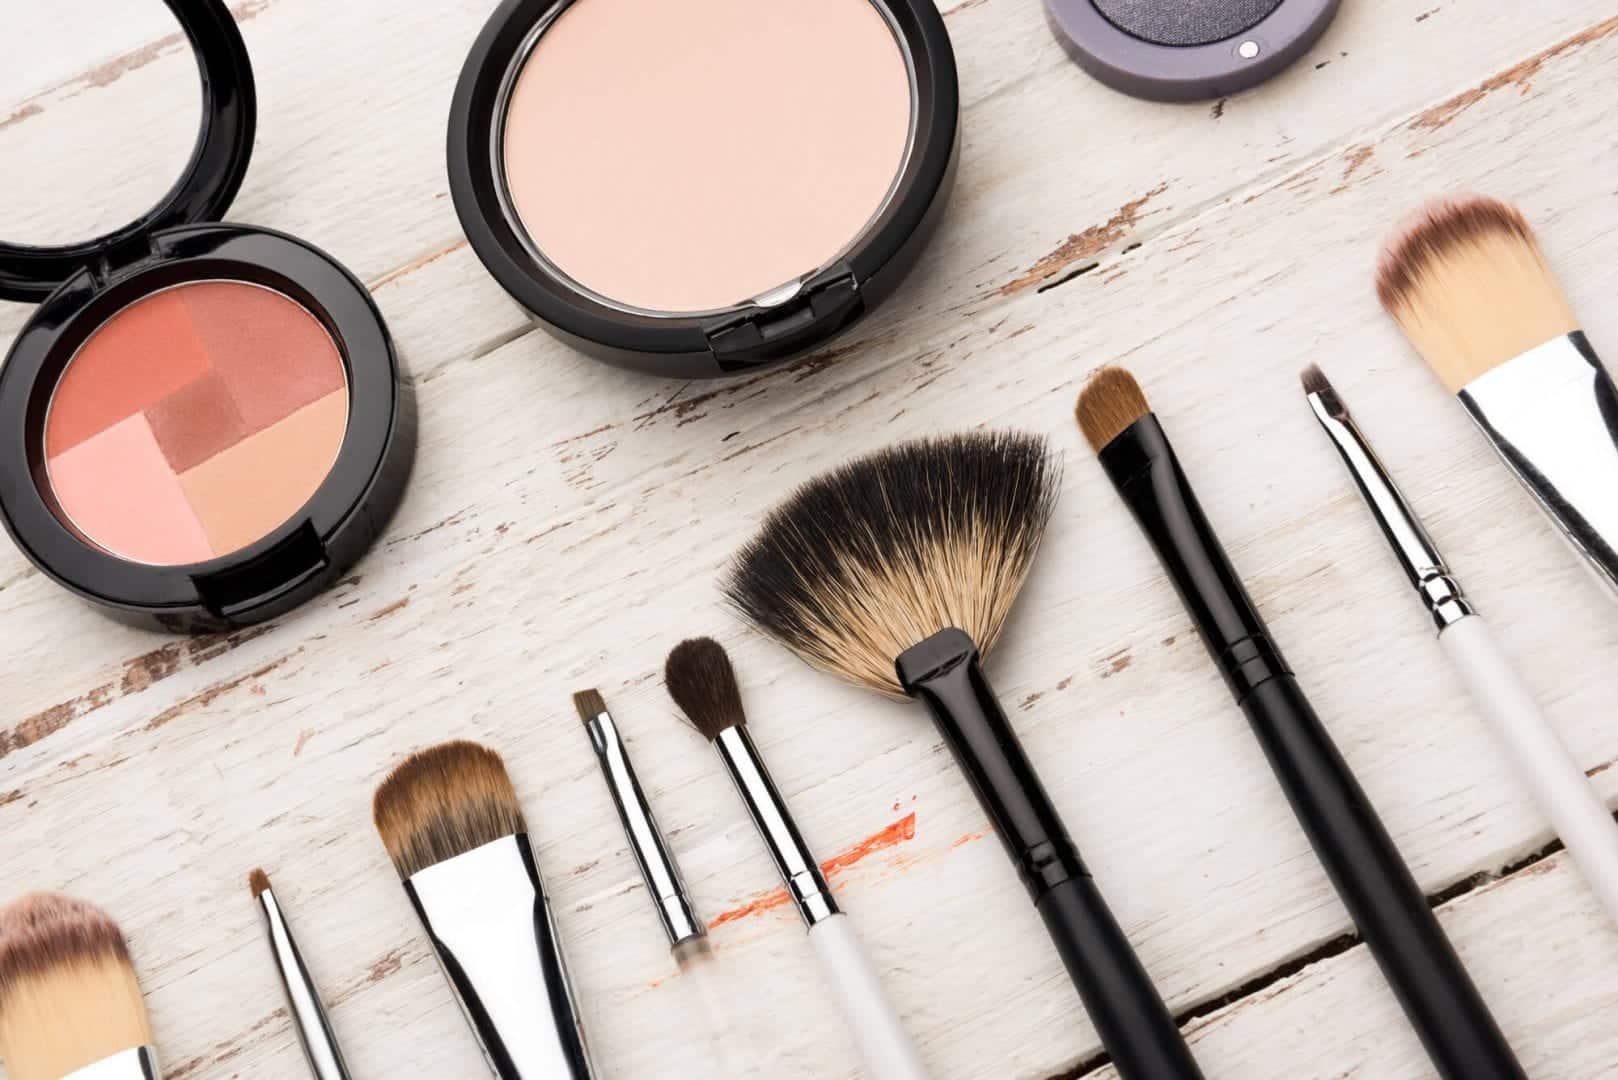 Maquiagem para pele oleosa - Como usar e melhores produtos